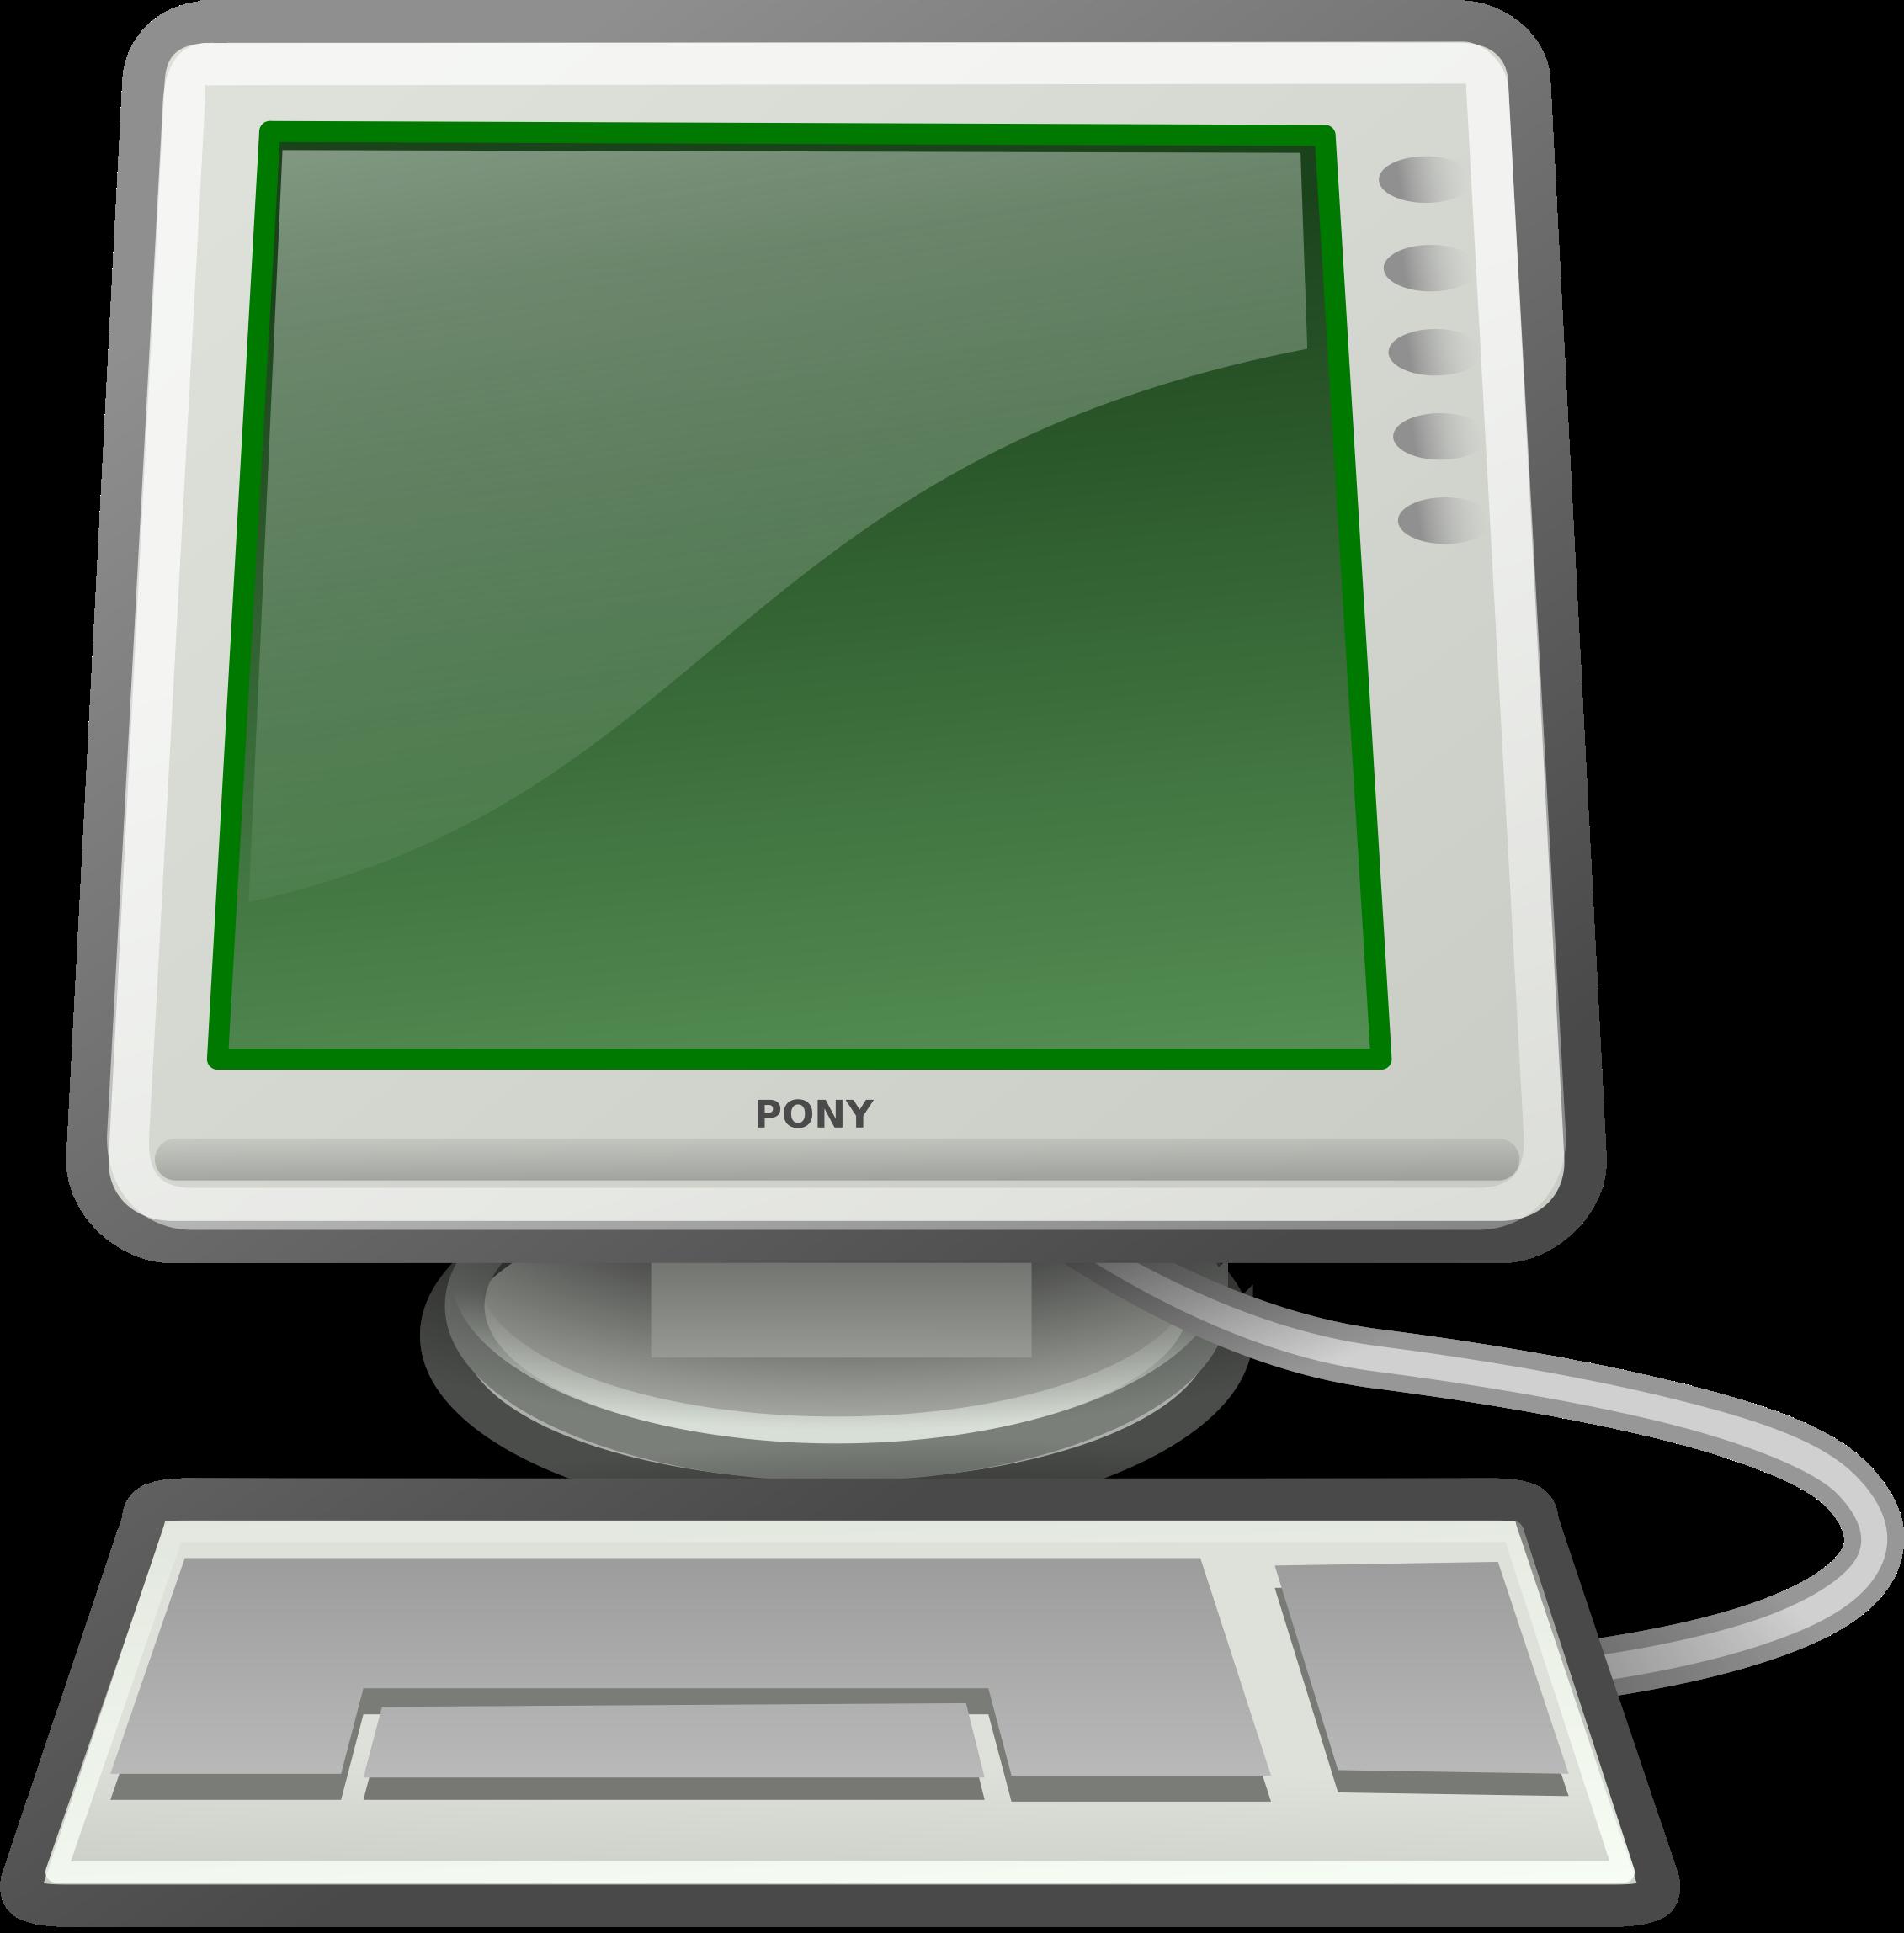 Computer vector png. Clipart tango green big